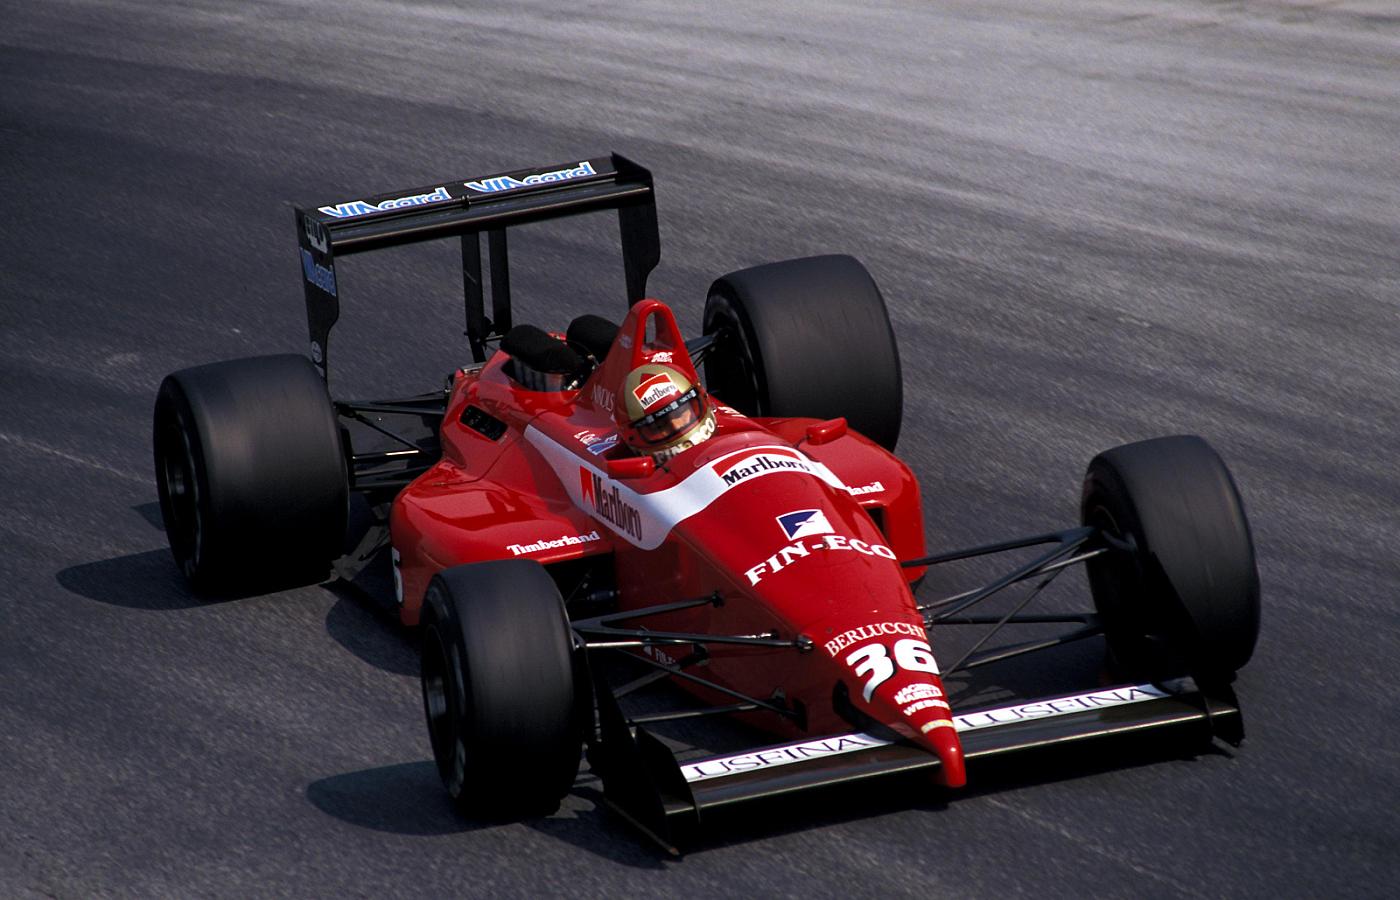 Dallara, equipe histórica de Formula 1 de 1988 - by bandeiraverde.com.br